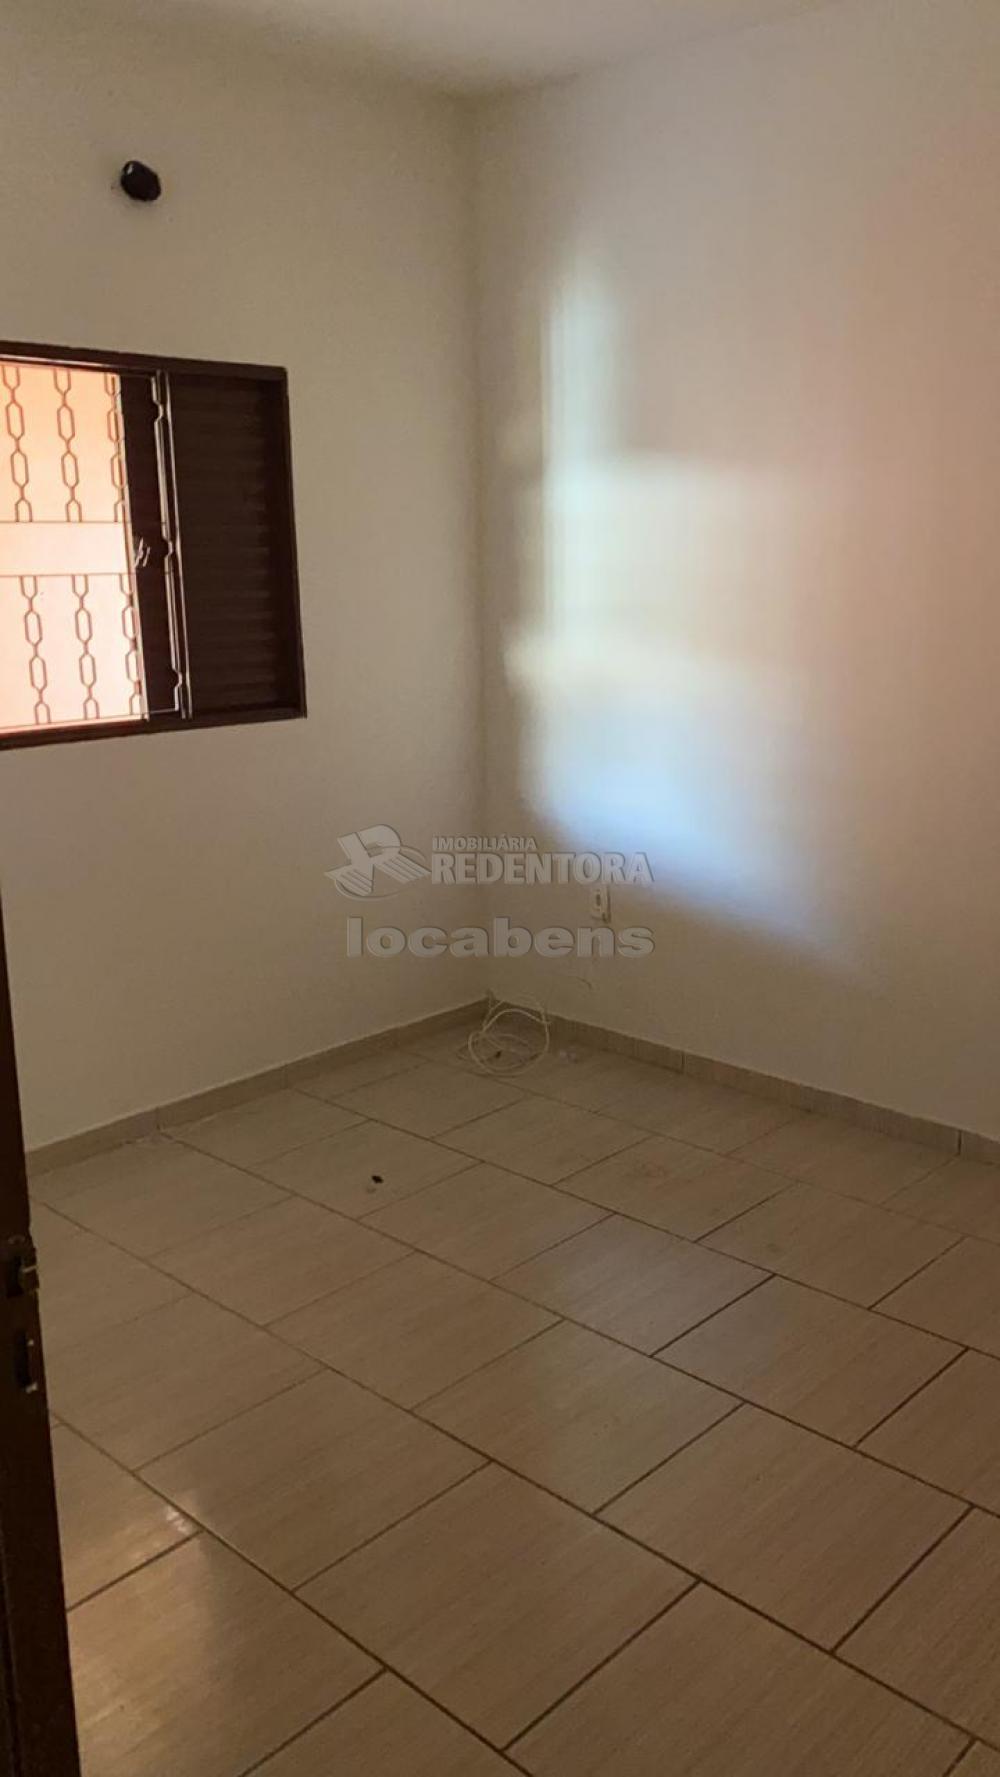 Comprar Casa / Padrão em São José do Rio Preto apenas R$ 225.000,00 - Foto 15